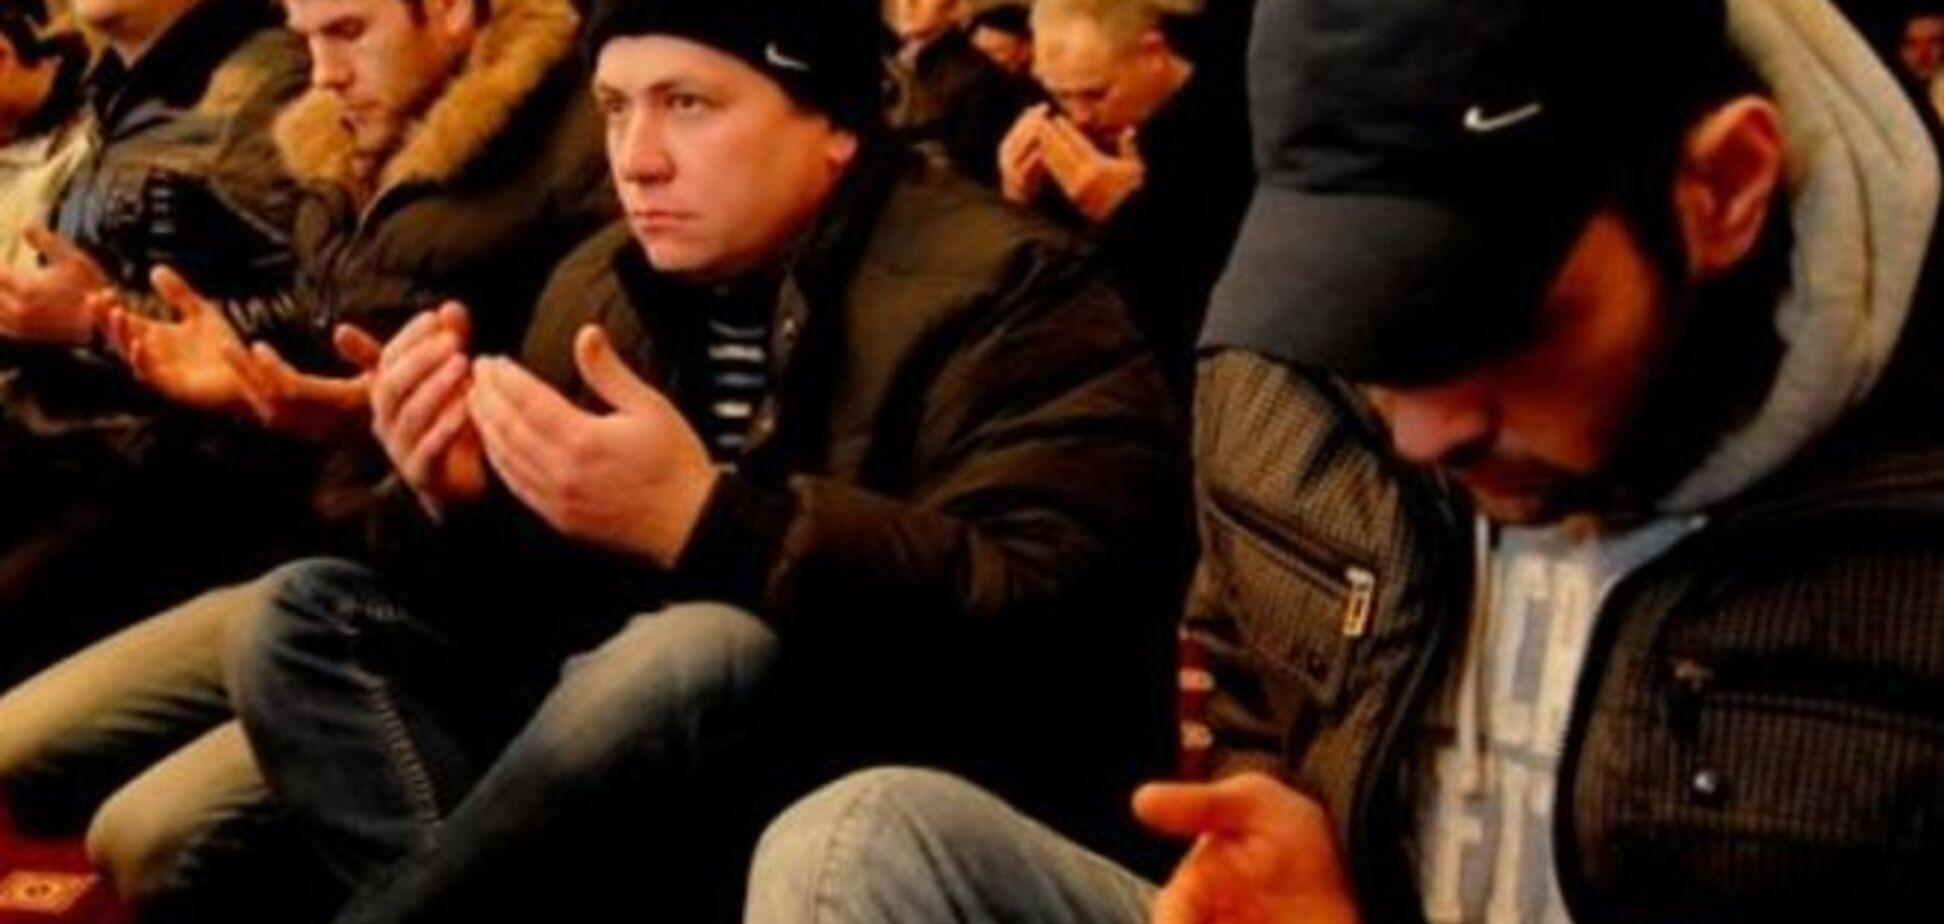 В Крыму мусульман начали массово вызывать на допросы